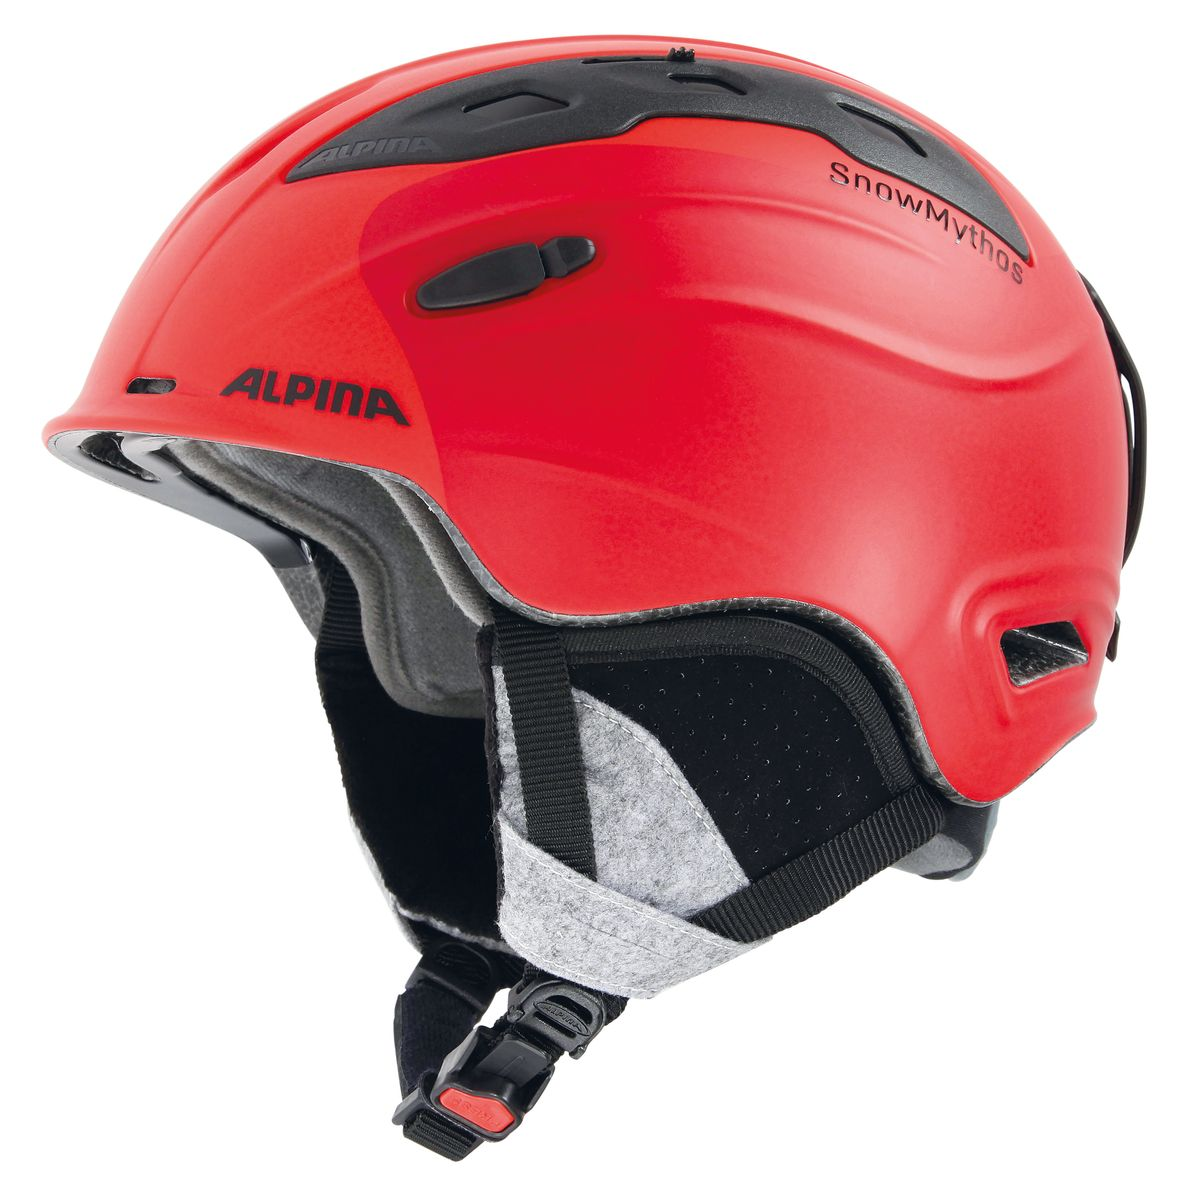 Шлем зимний Alpina  Snowmythos , цвет: зеленый. Размер 55-59 - Горные лыжи